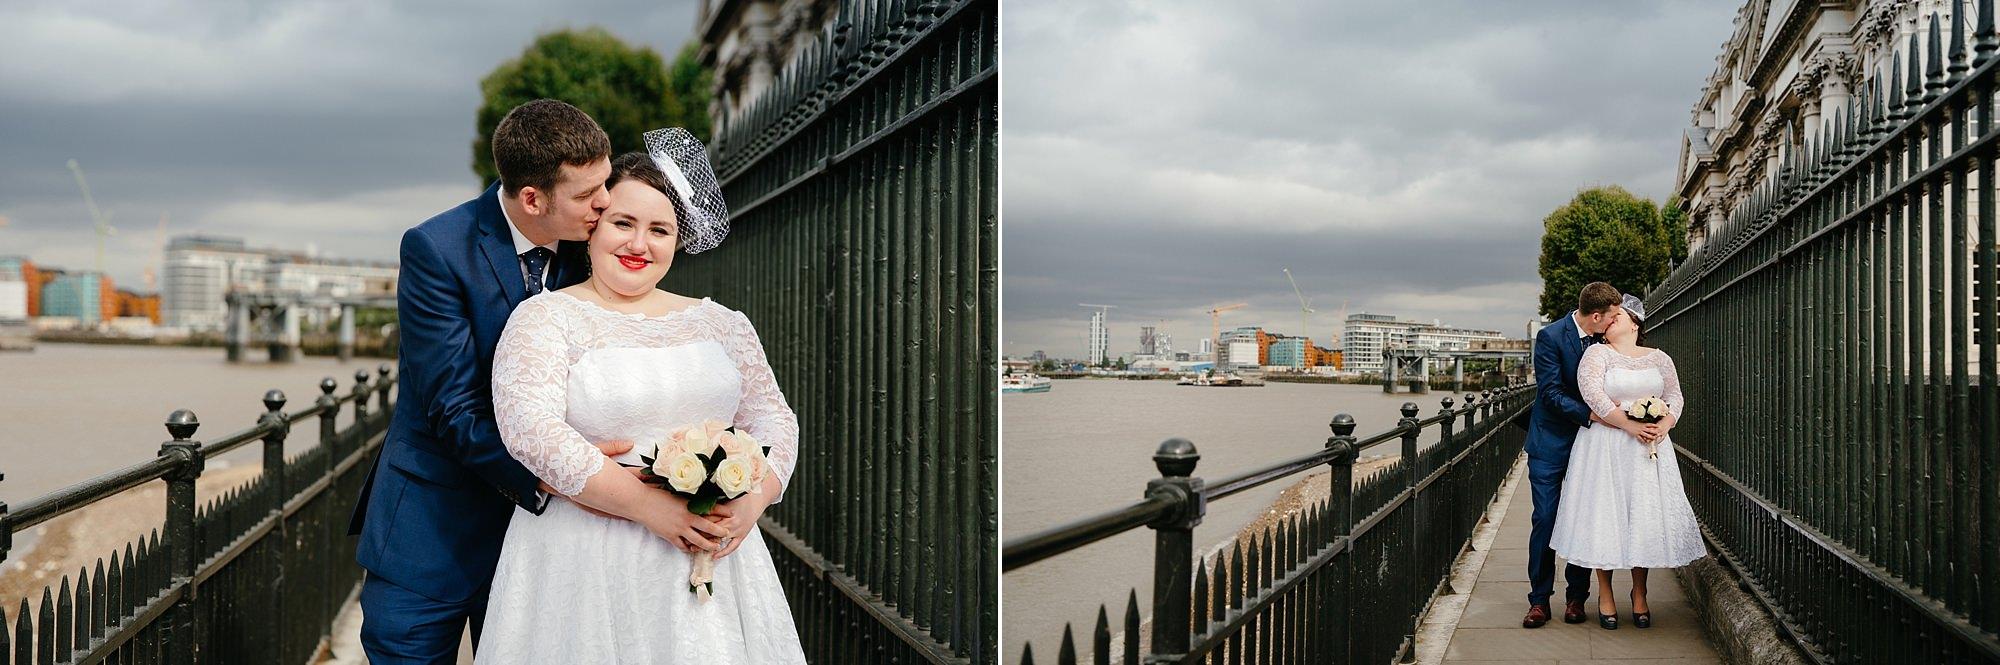 Trafalgar Tavern wedding bride and groom portrait by Thames river